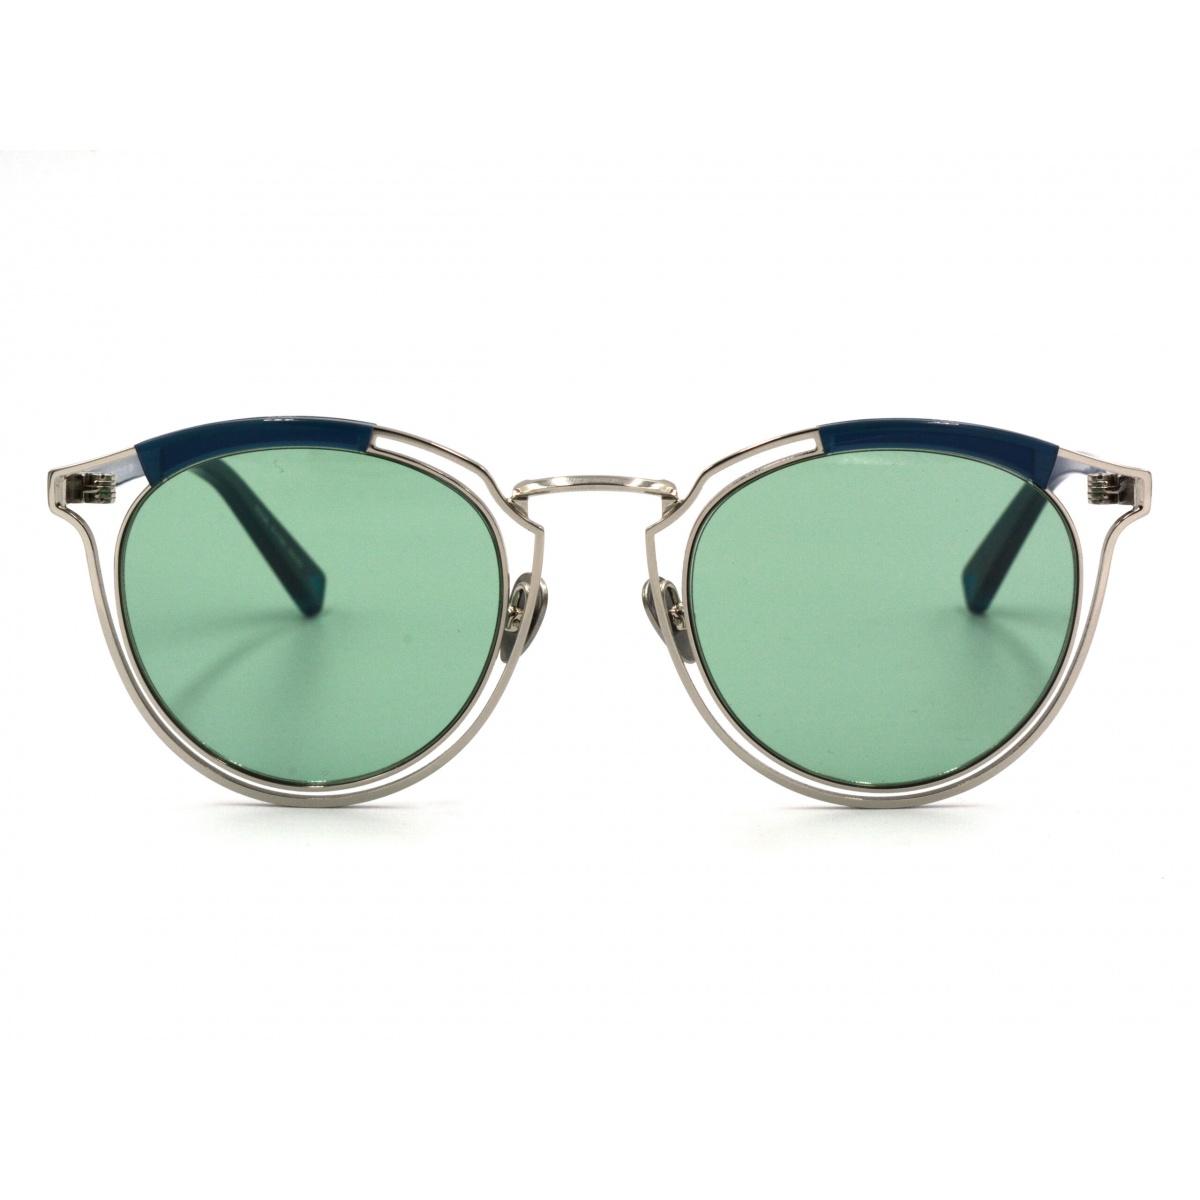 Γυαλιά ηλίου HAZE COLLECTION NEW YORK EDGE X-1GN 50-23